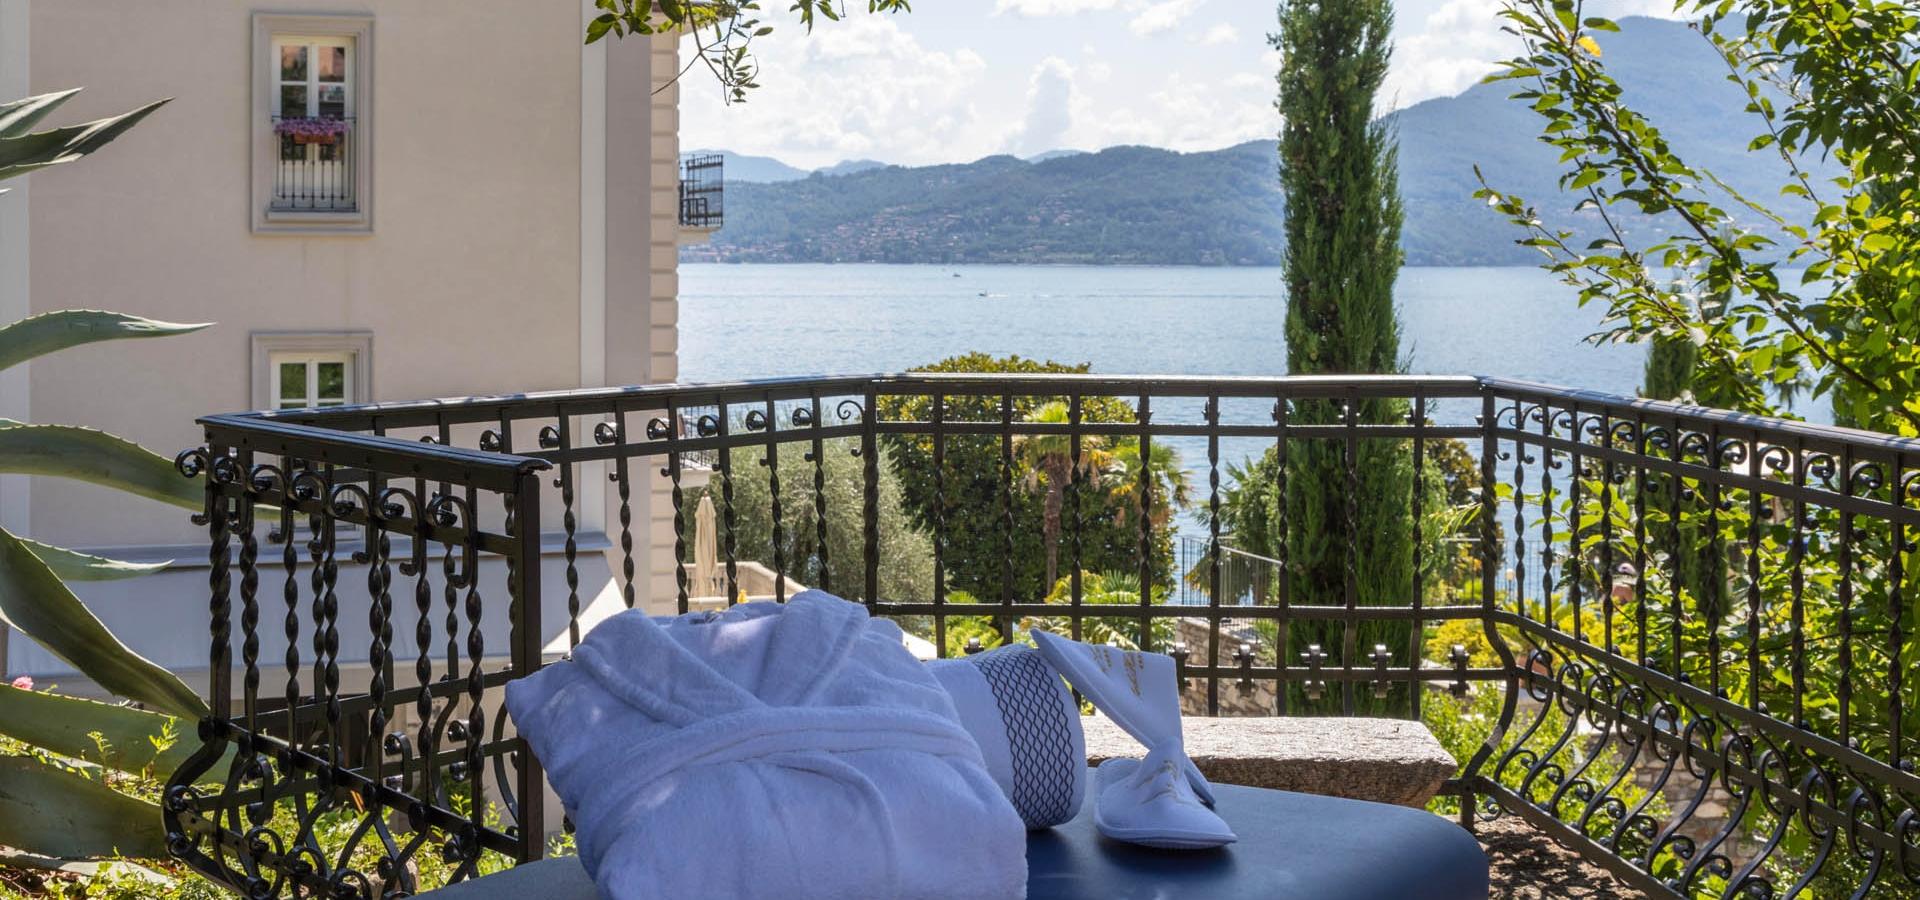 Park Hotel Italia - Cannero Riviera Lago Maggiore Italy